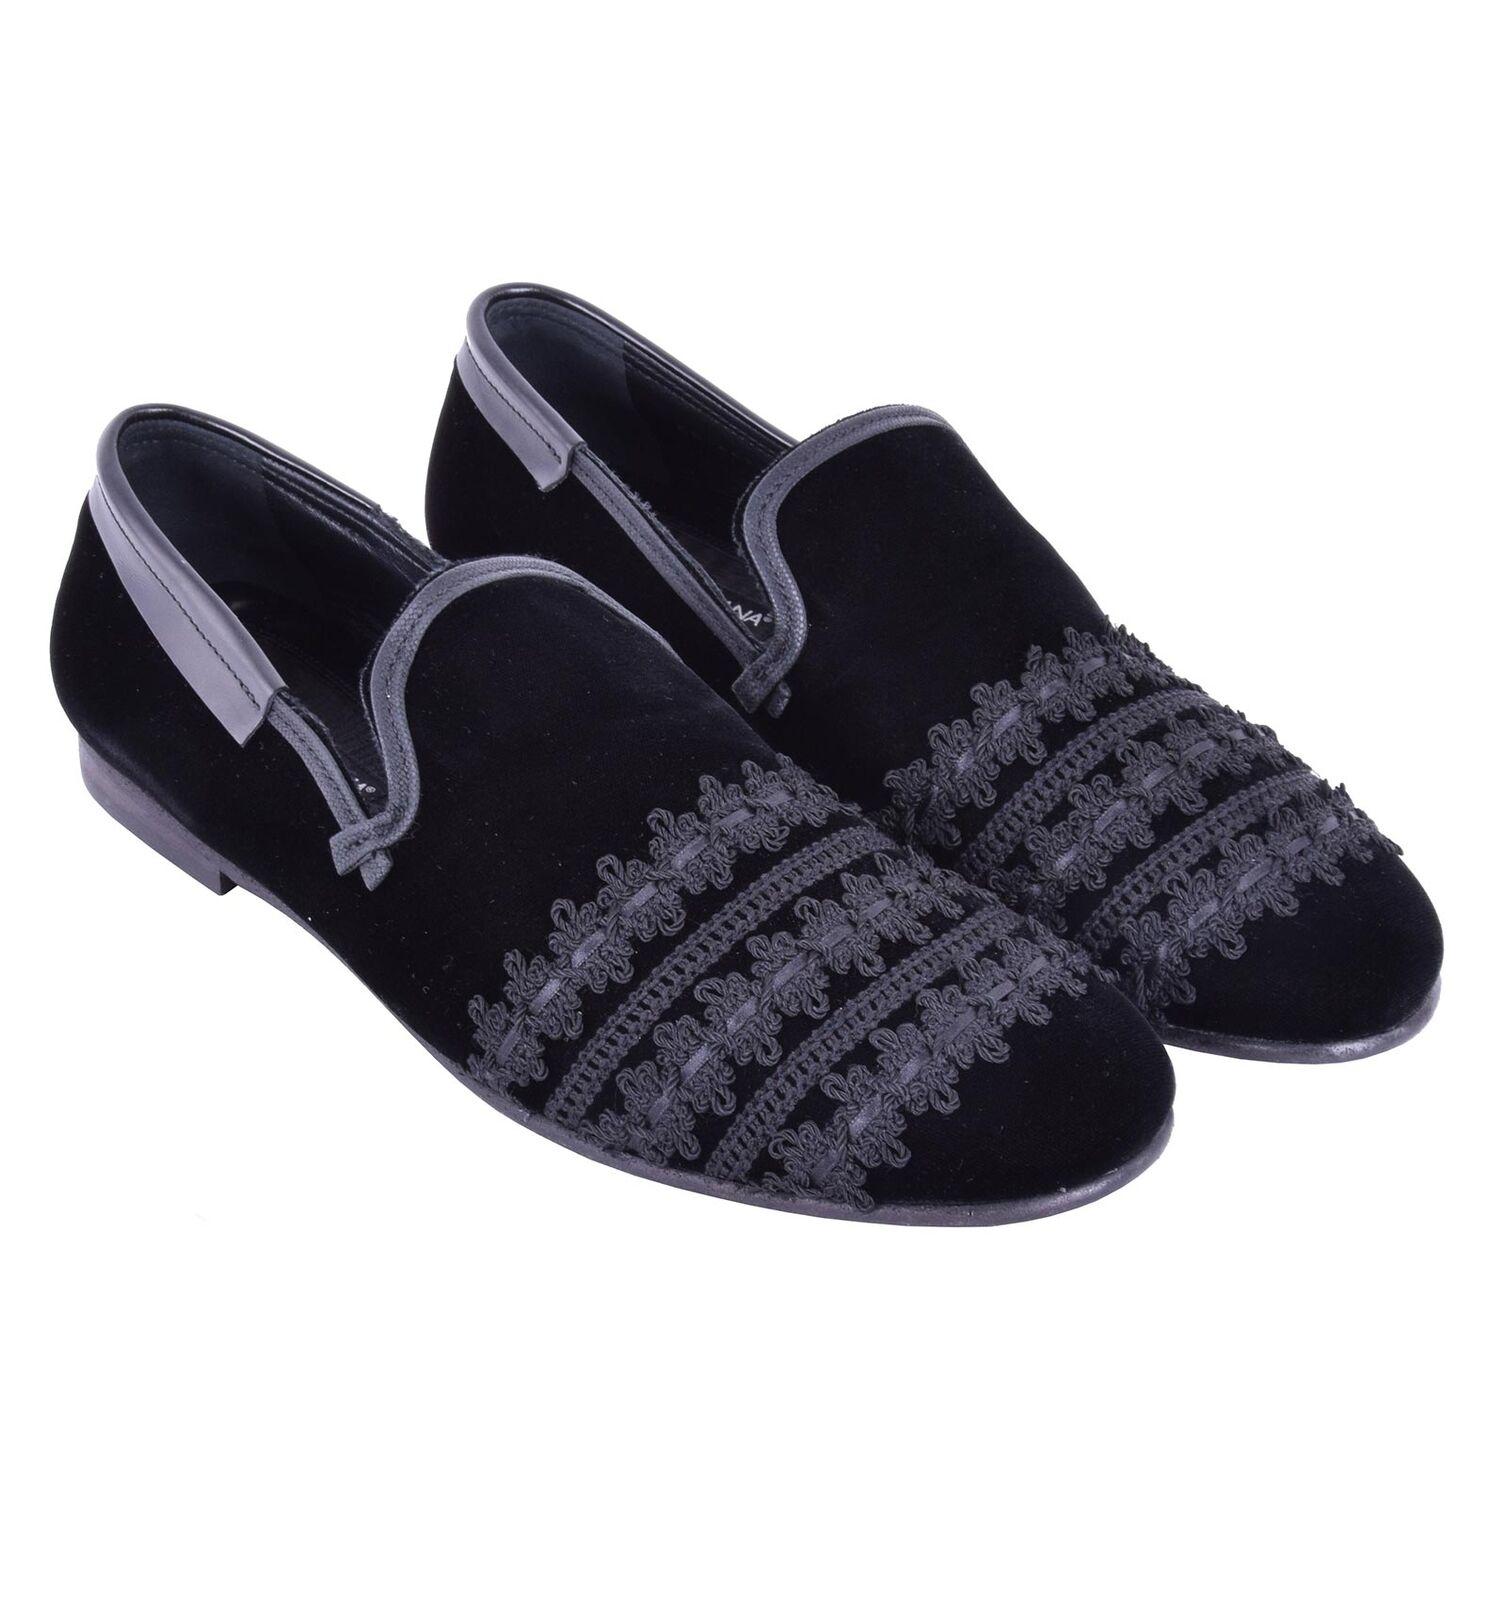 DOLCE Slipper & GABBANA RUNWAY Samt Slipper DOLCE Schuhe AMALFI mit Stickerei Schwarz 05172a 1c93cb